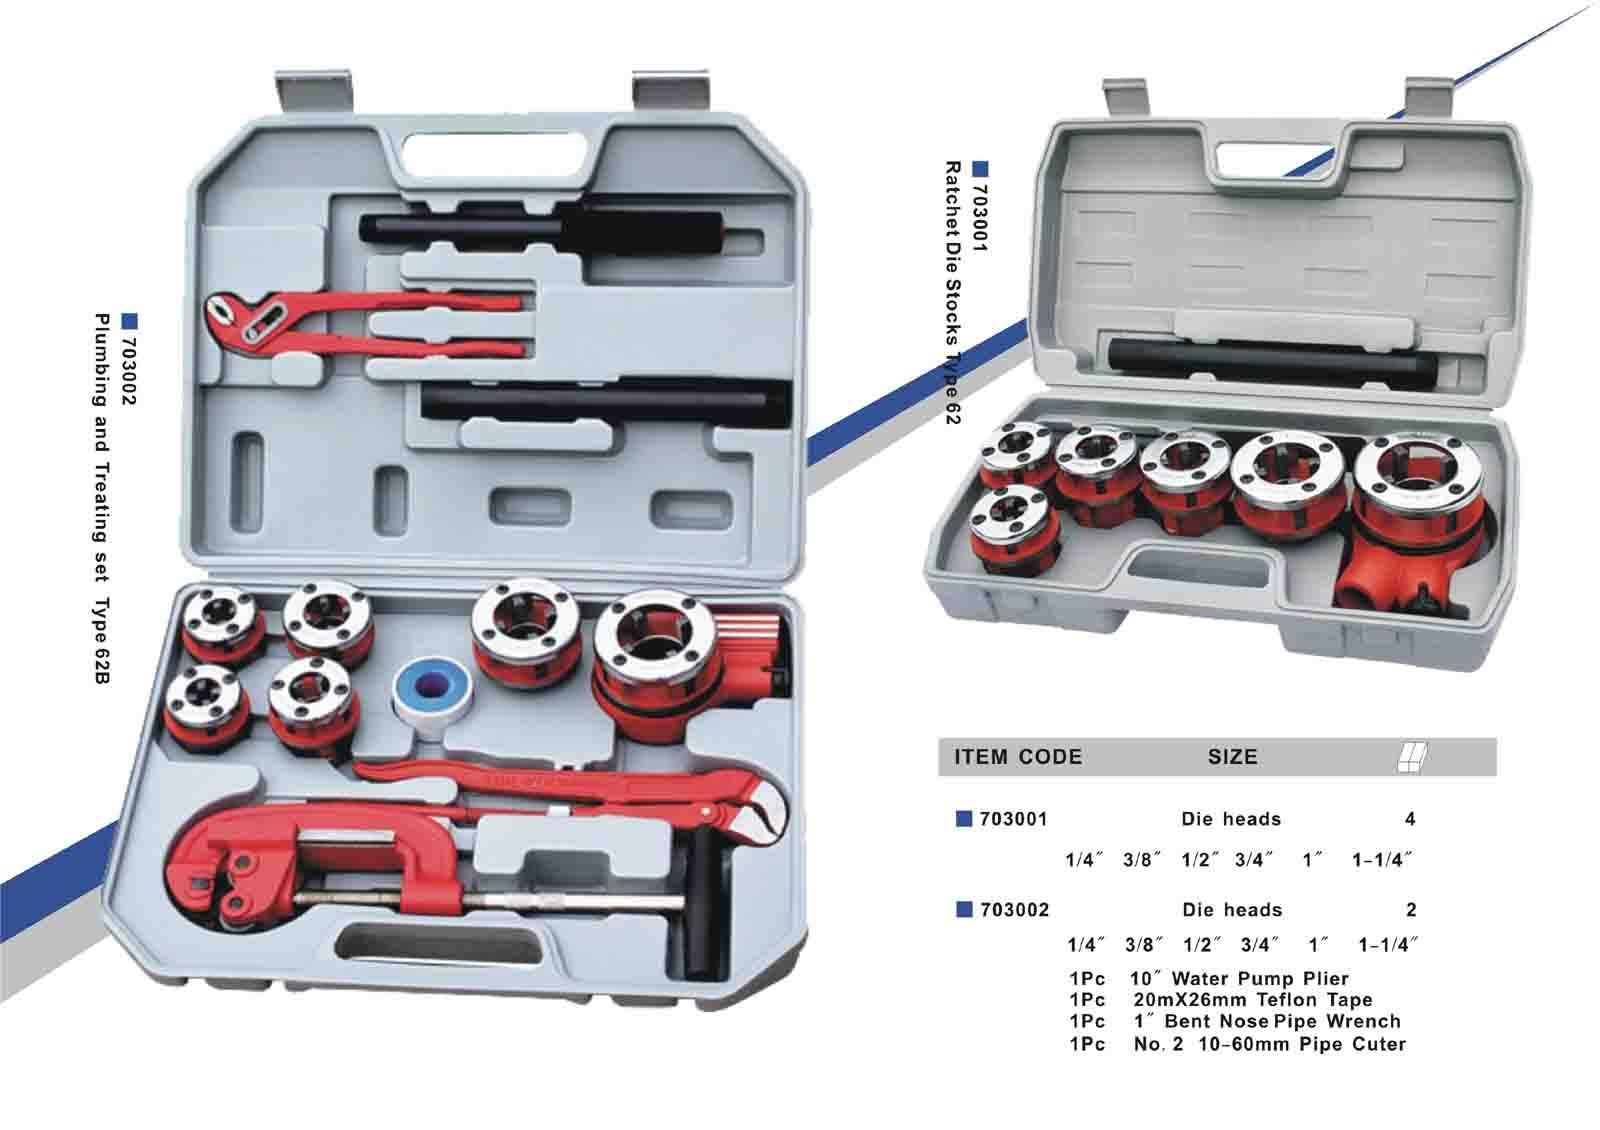 Specific Plumbing Tools Kit Plumbing Tools Plumbing Tool Kit